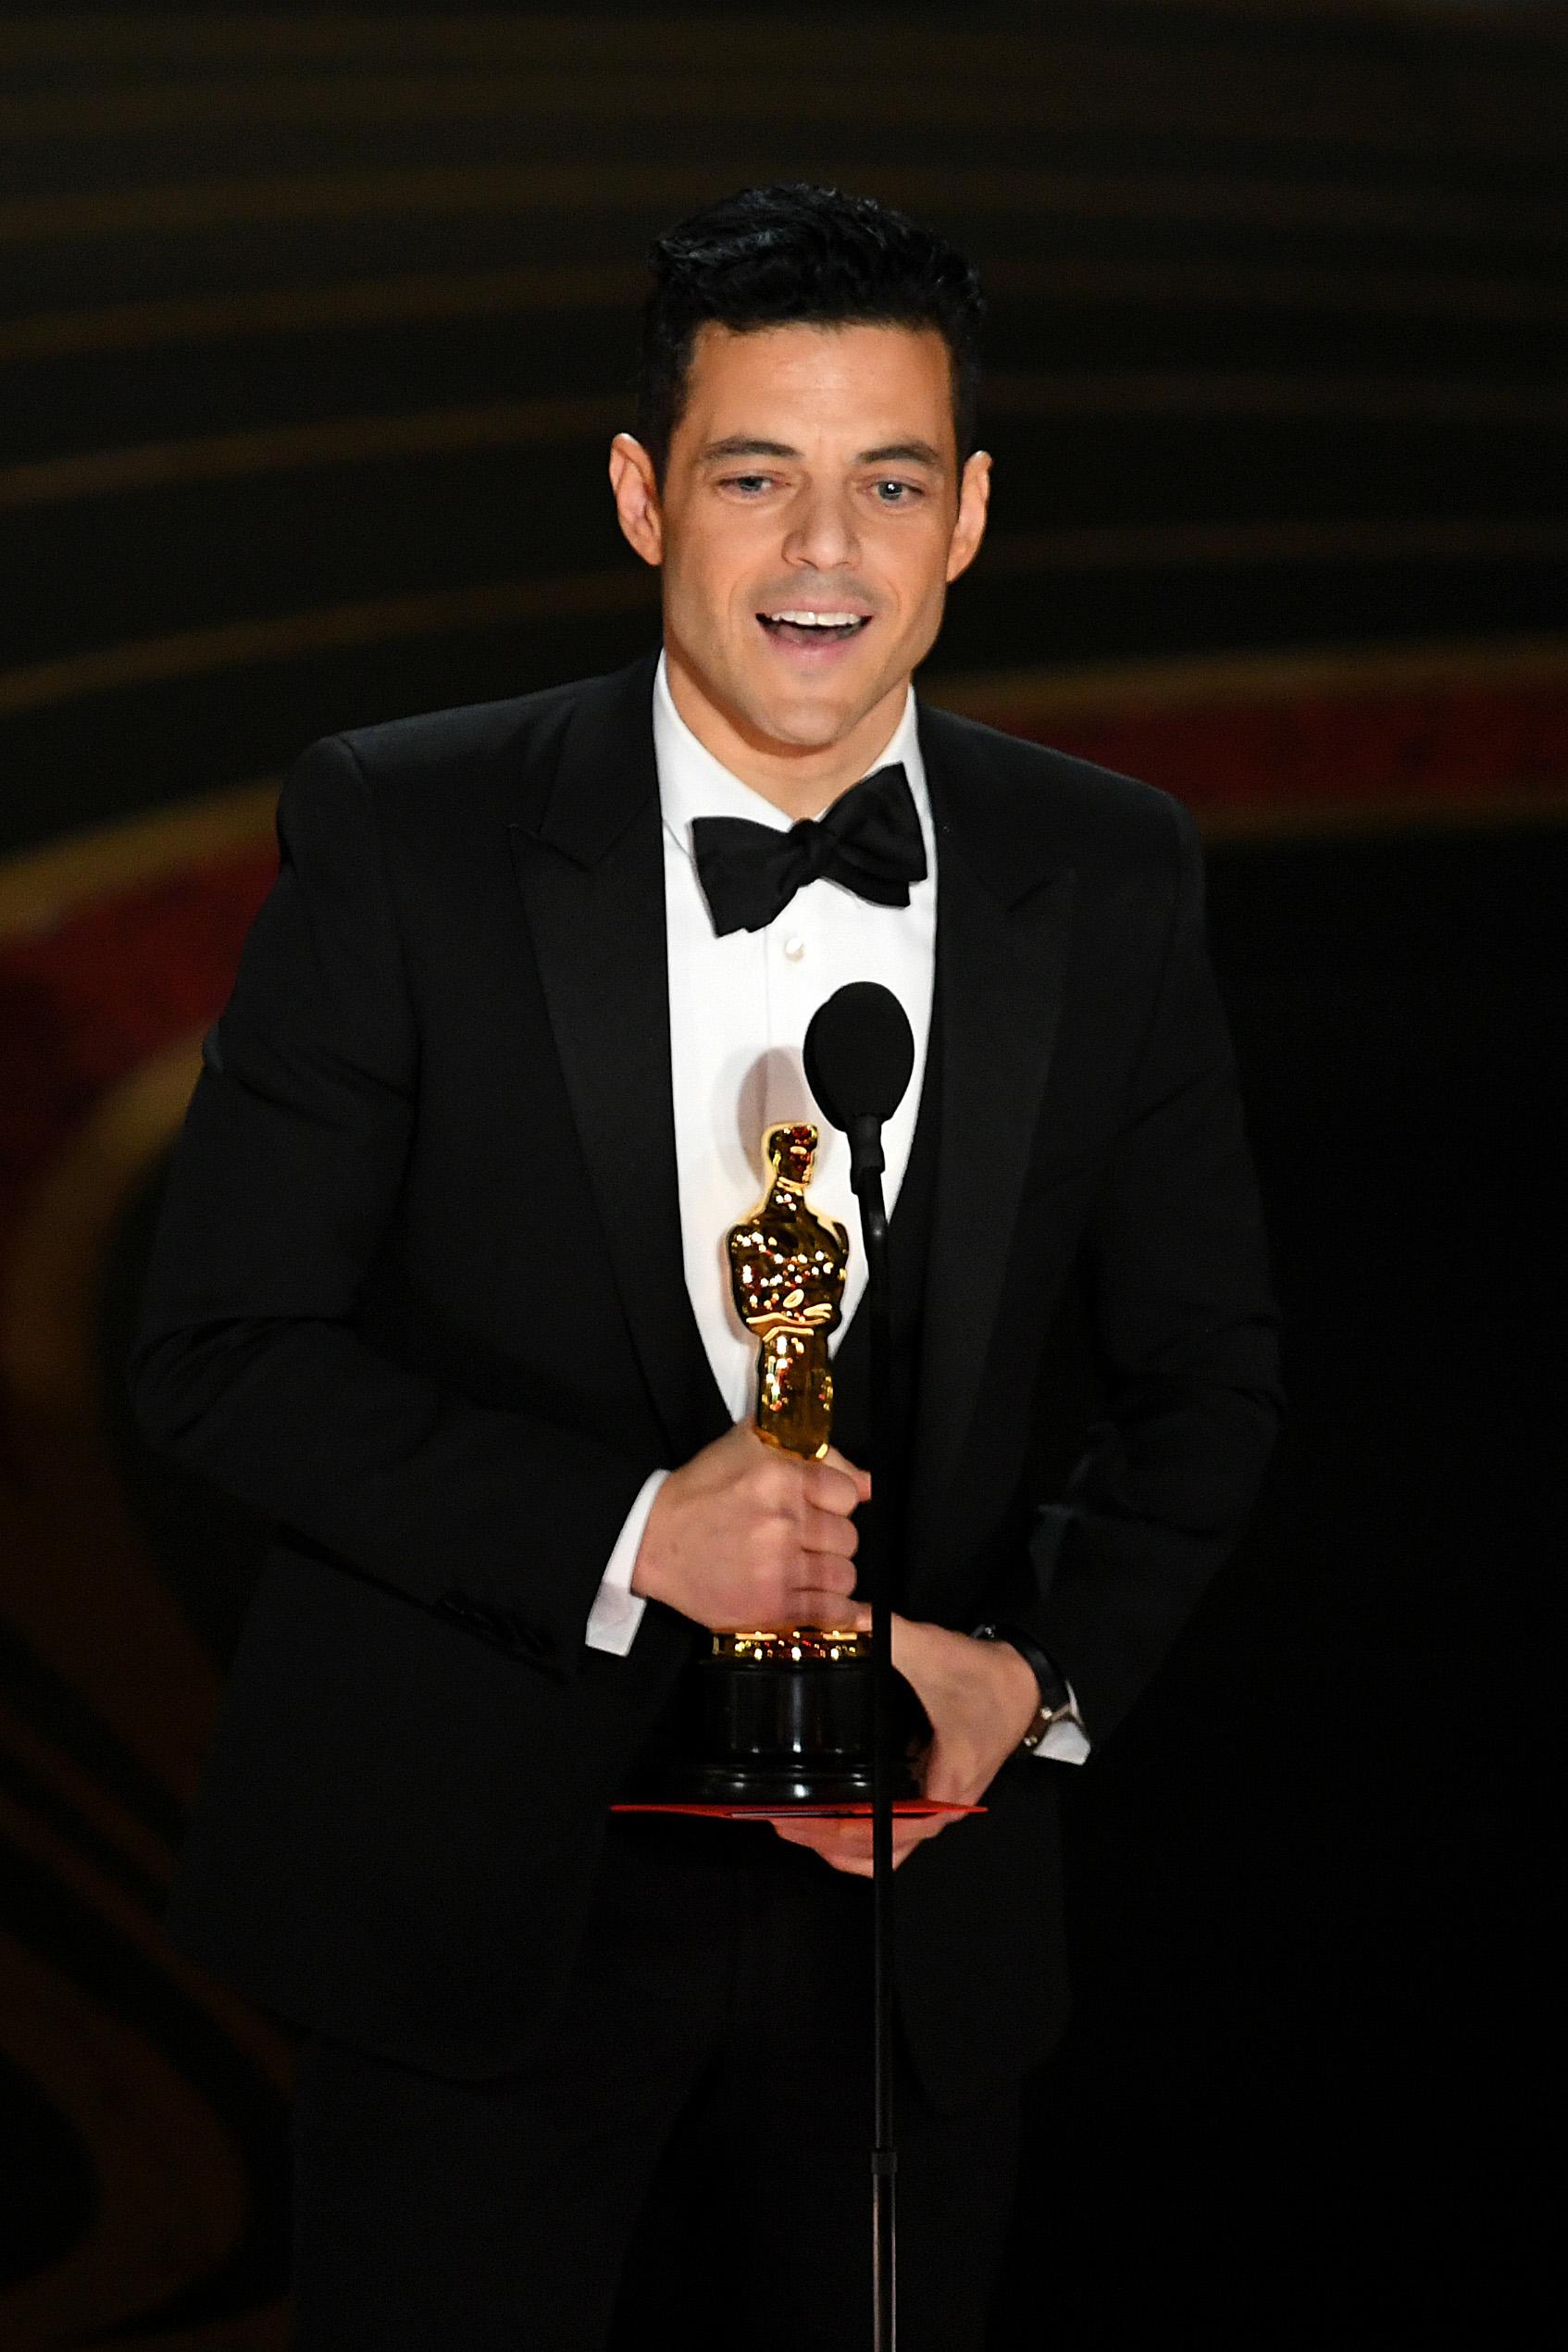 雷米馬利克年初獲得金球獎影帝后再下一城,憑藉《波希米亞狂想曲》榮膺最佳男主角。 (Kevin Winter/Getty Images)